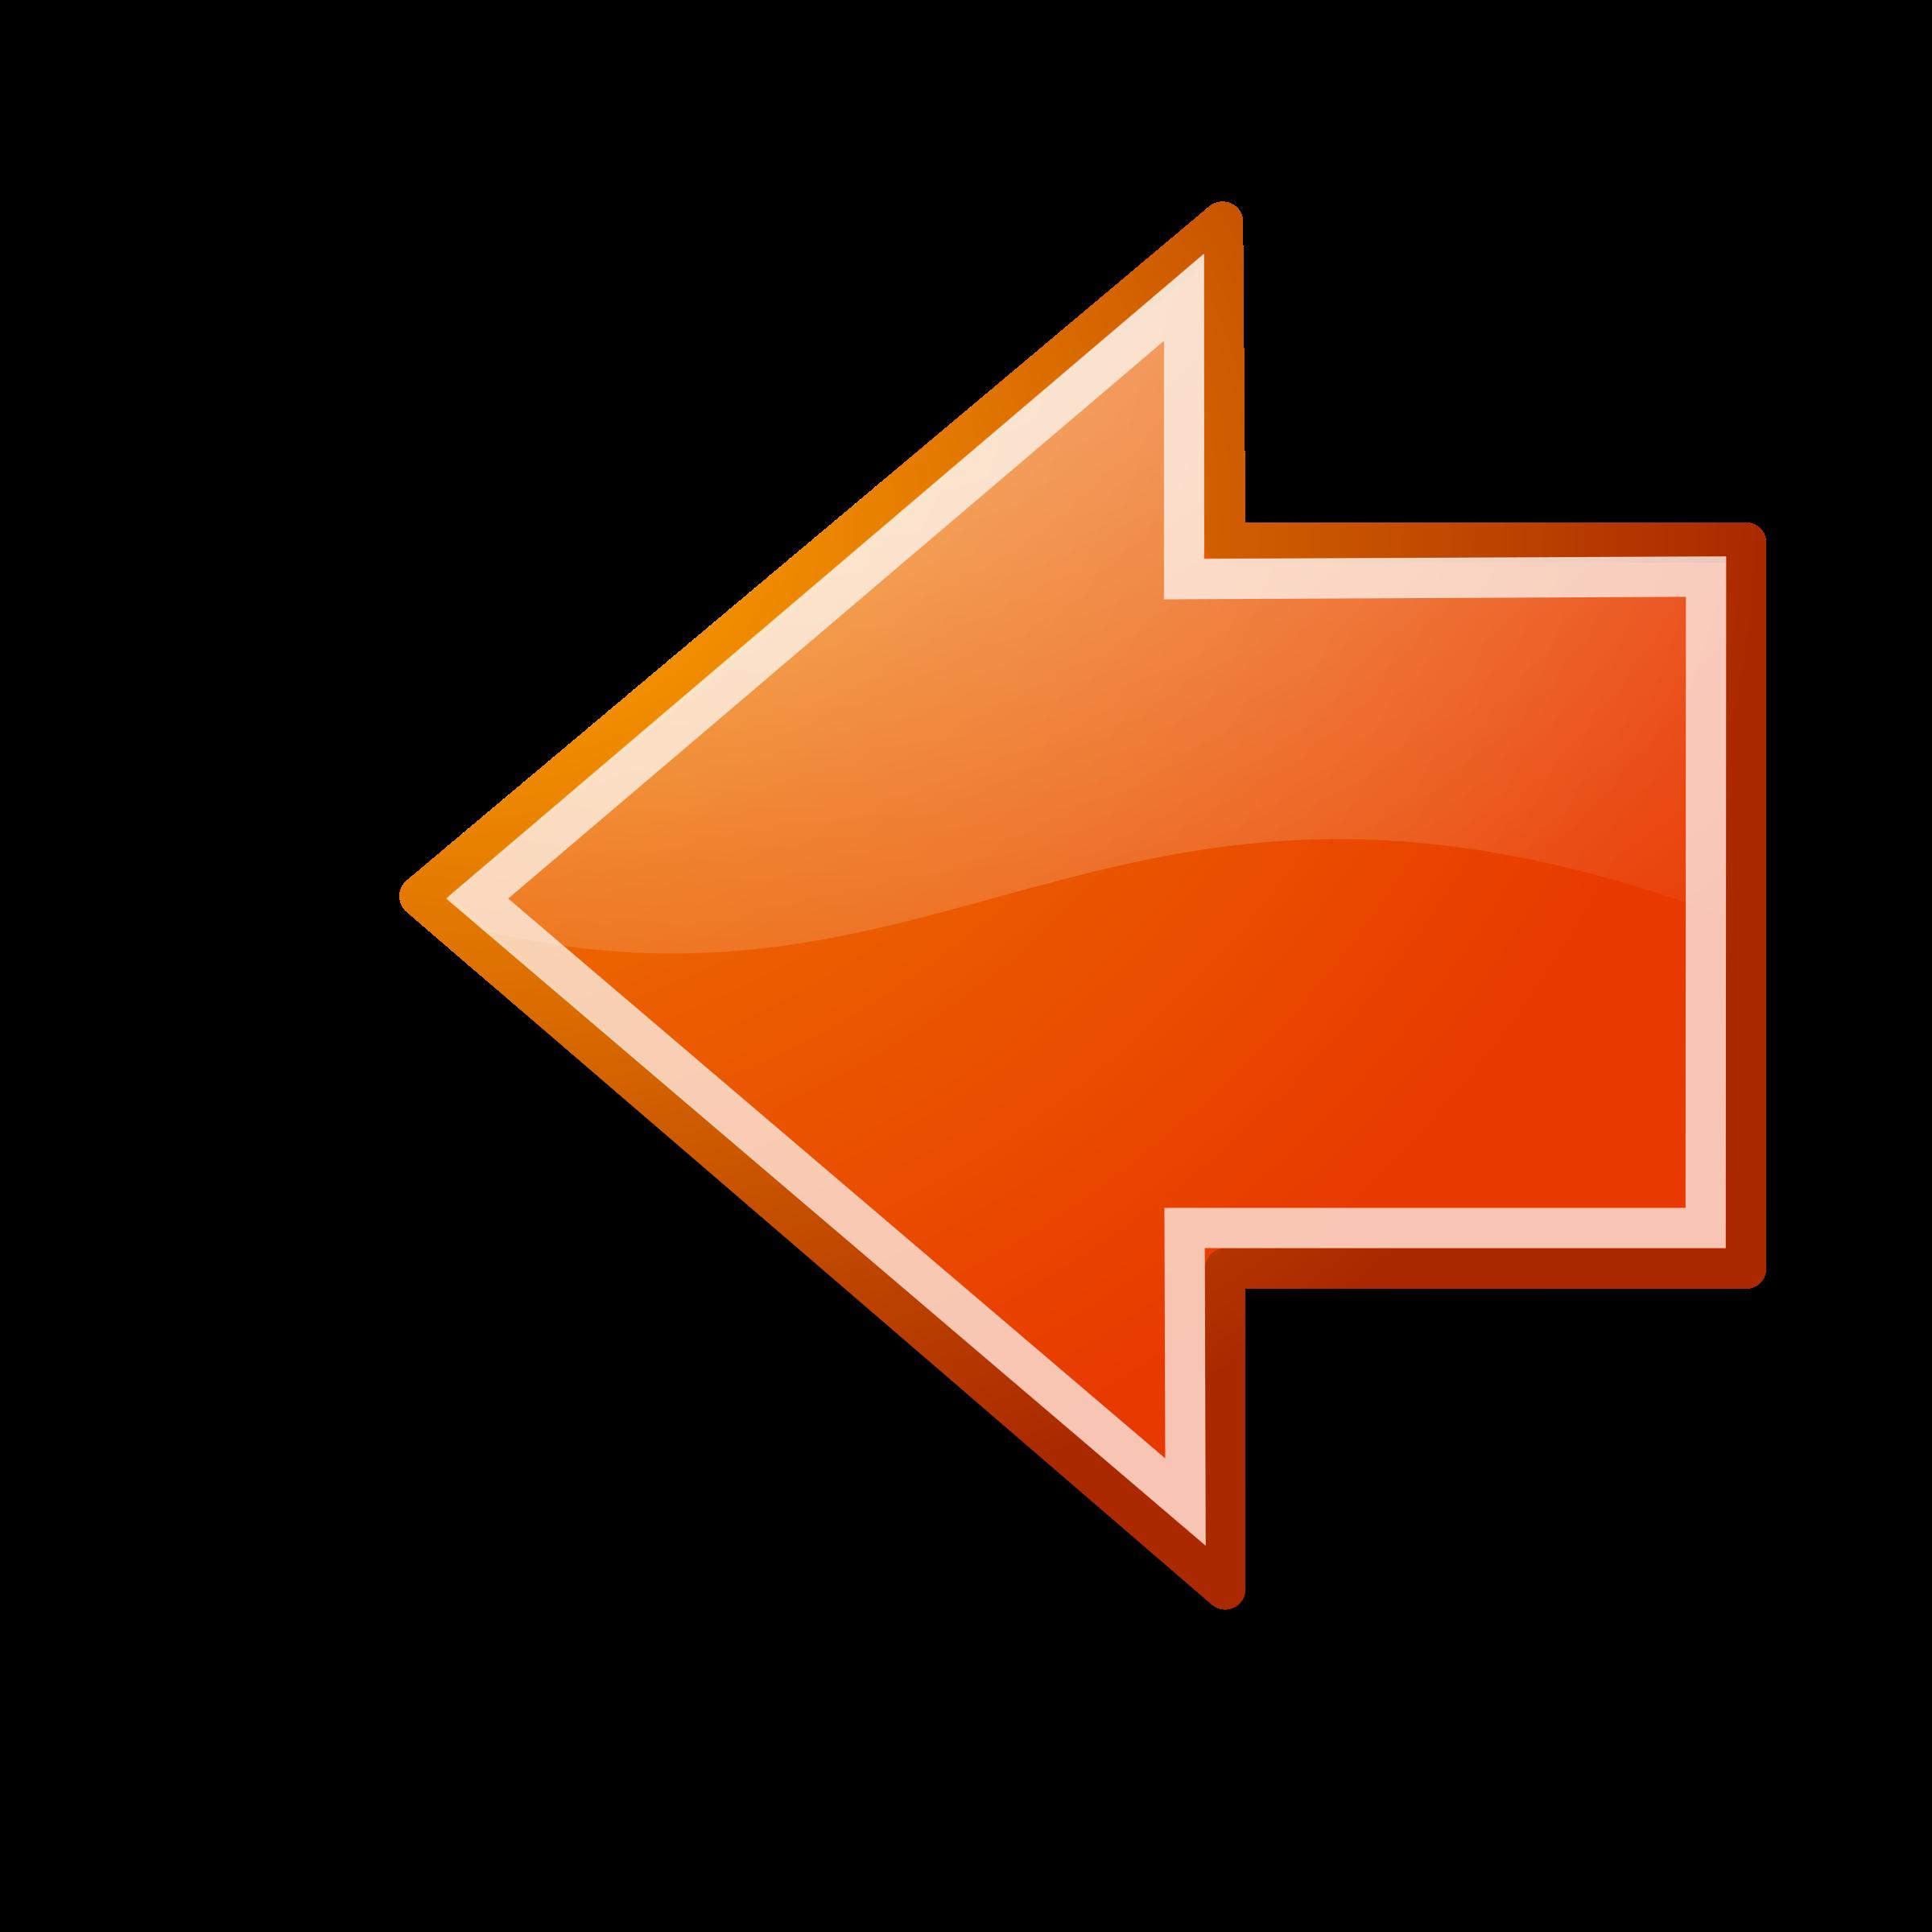 Previous Button Transparent PNG - Previous Button PNG